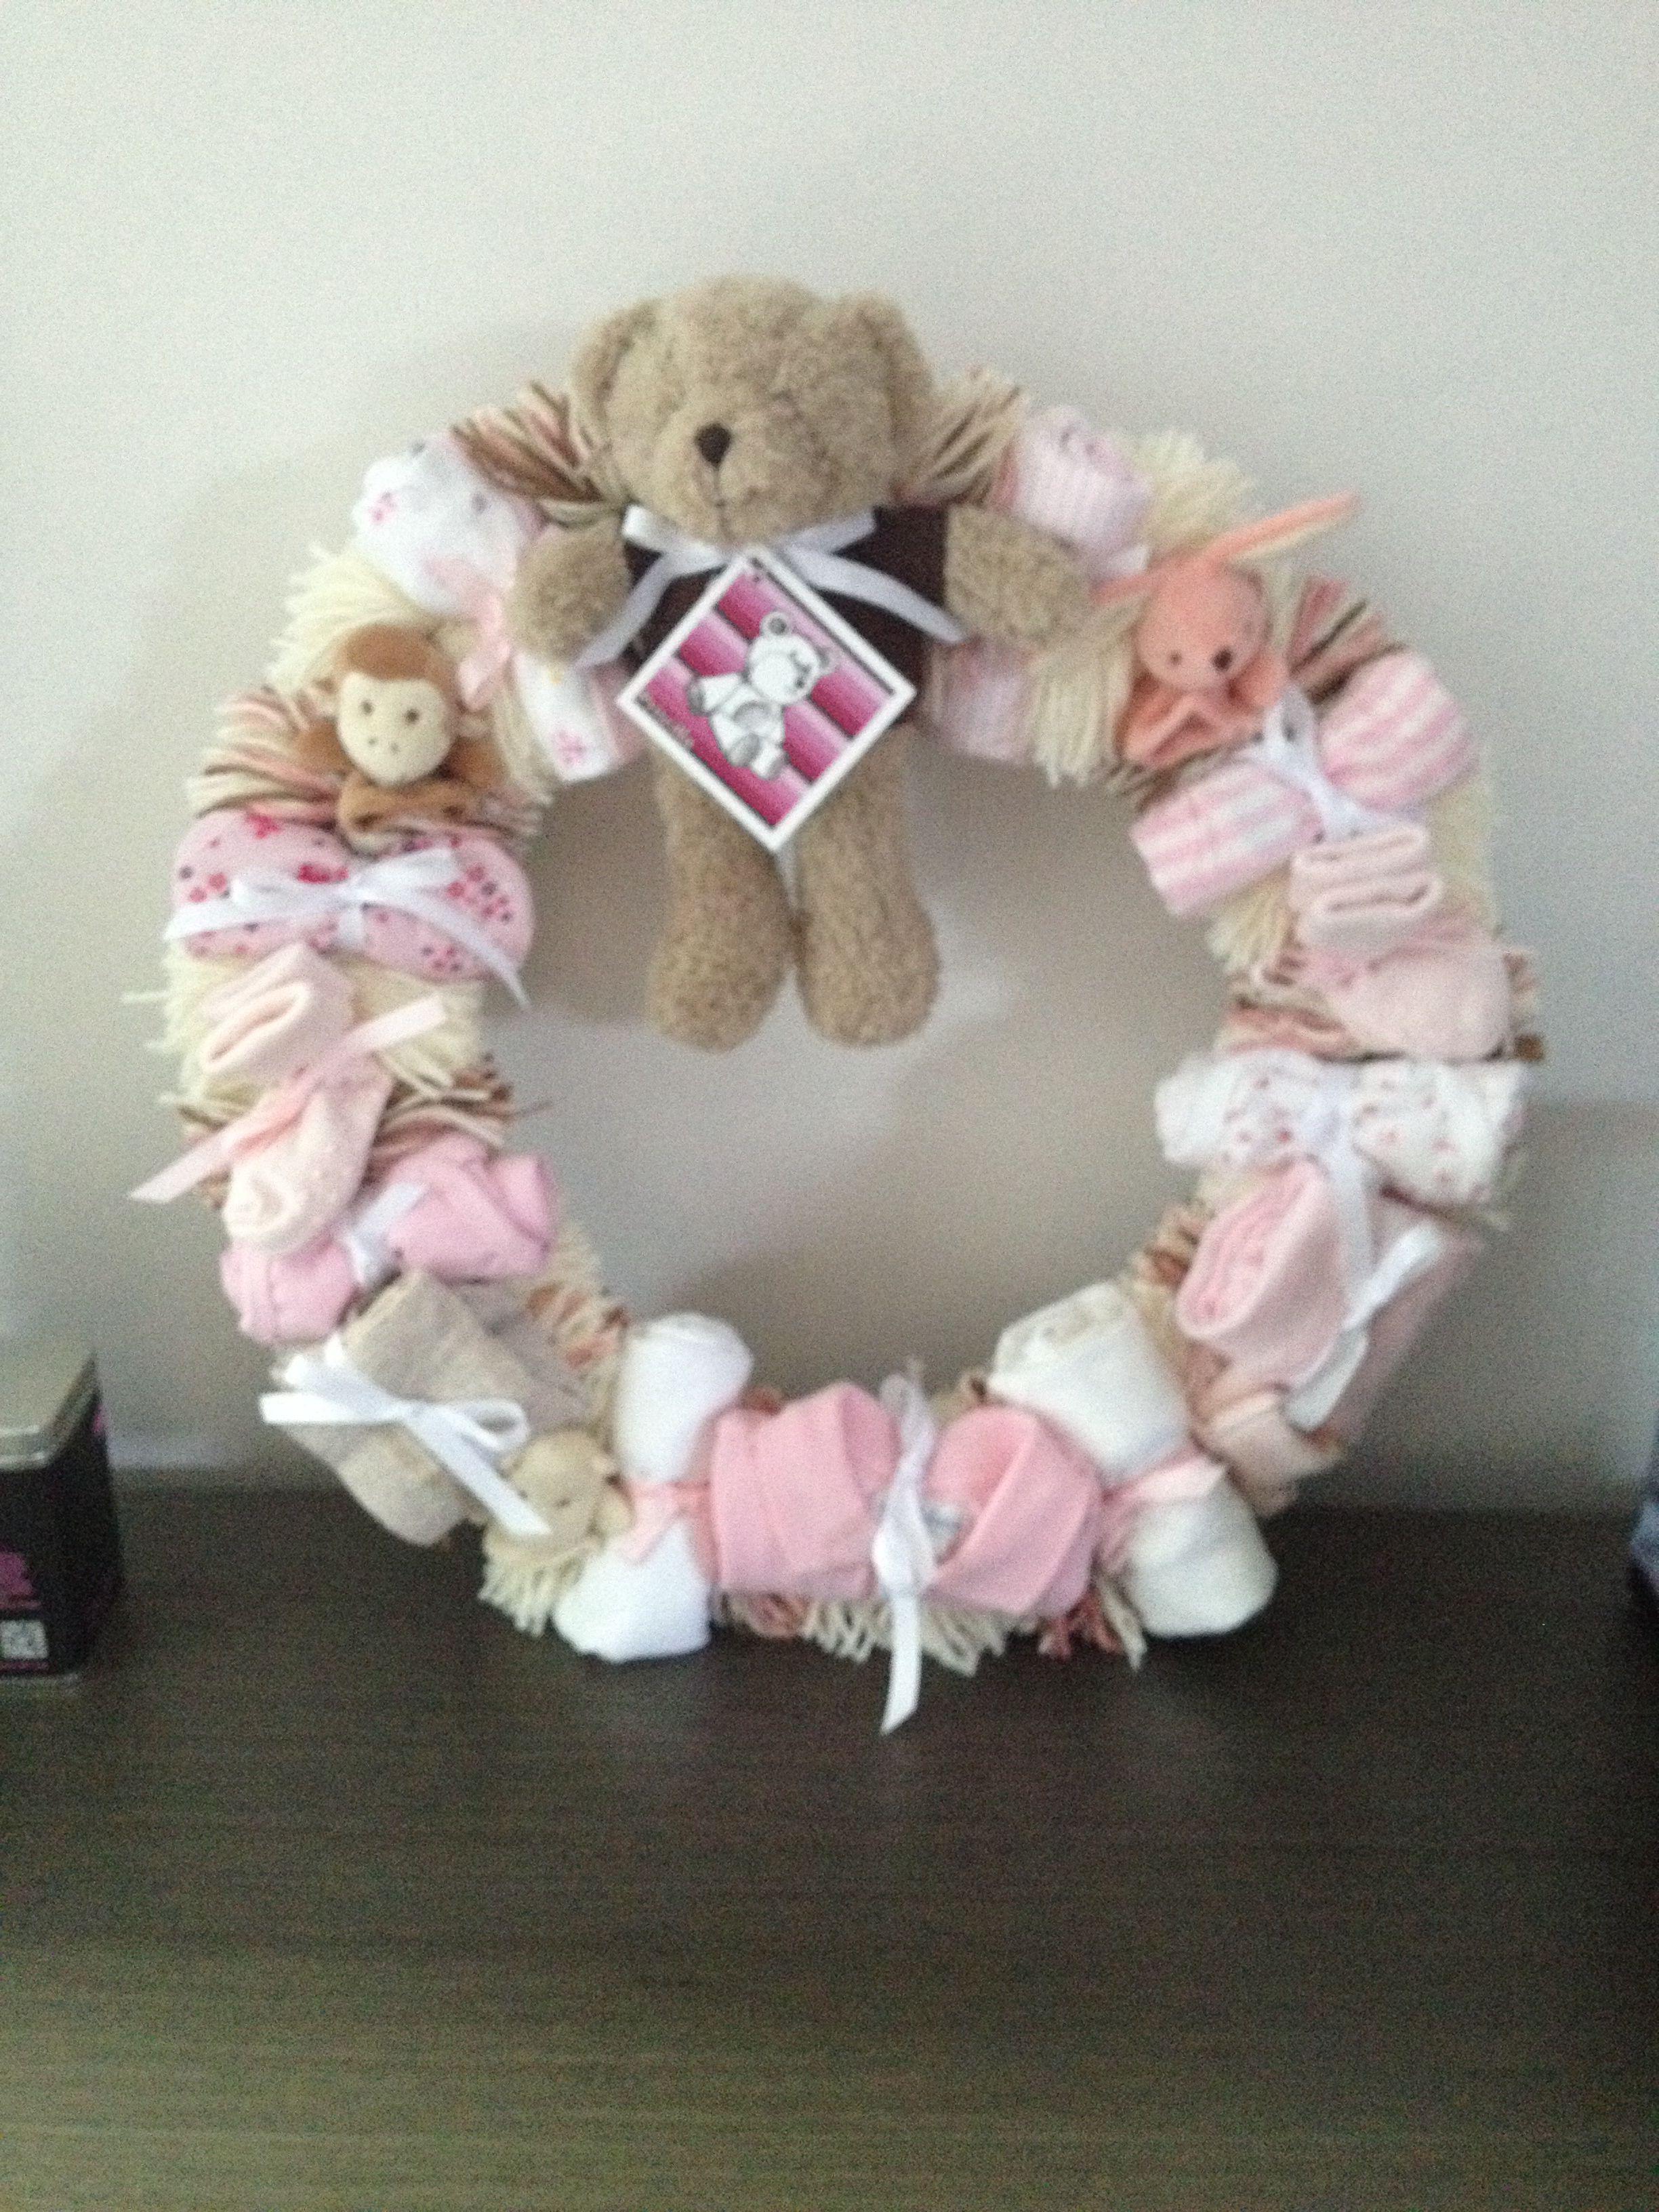 Regalo para baby shower o el hospital regalos para ni os - Detalles para baby shower ...